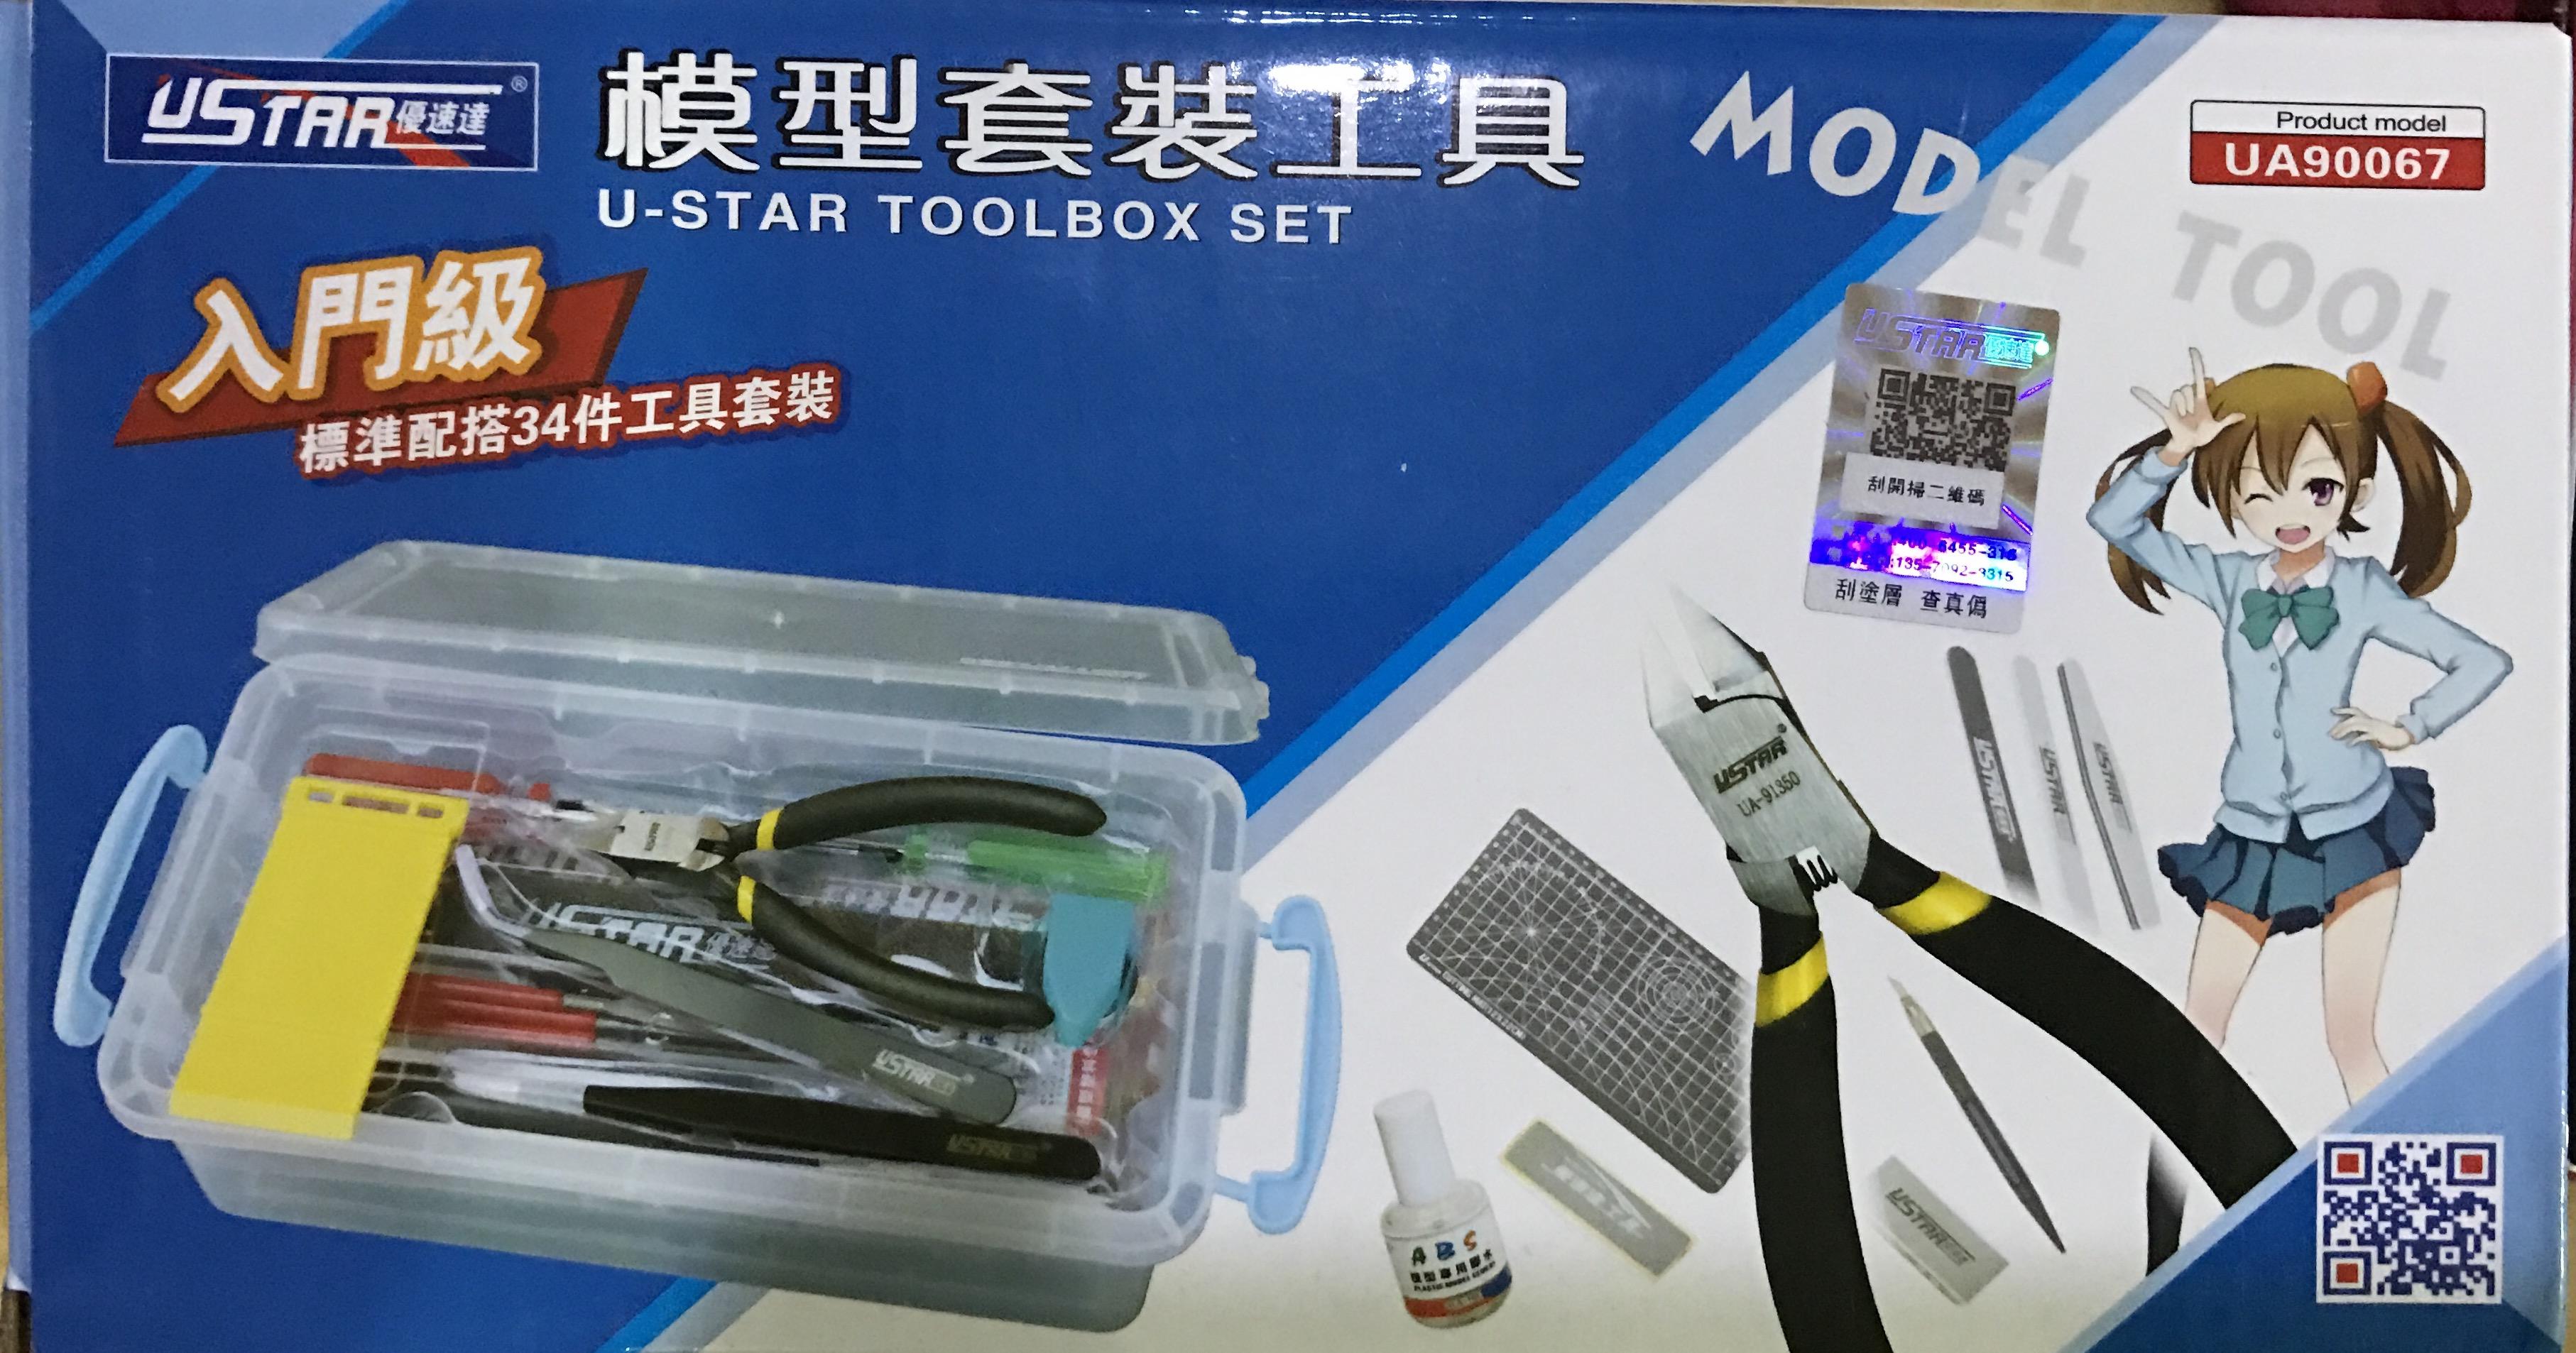 USTAR ชุดอุปกรณ์ Full Set ชุด2